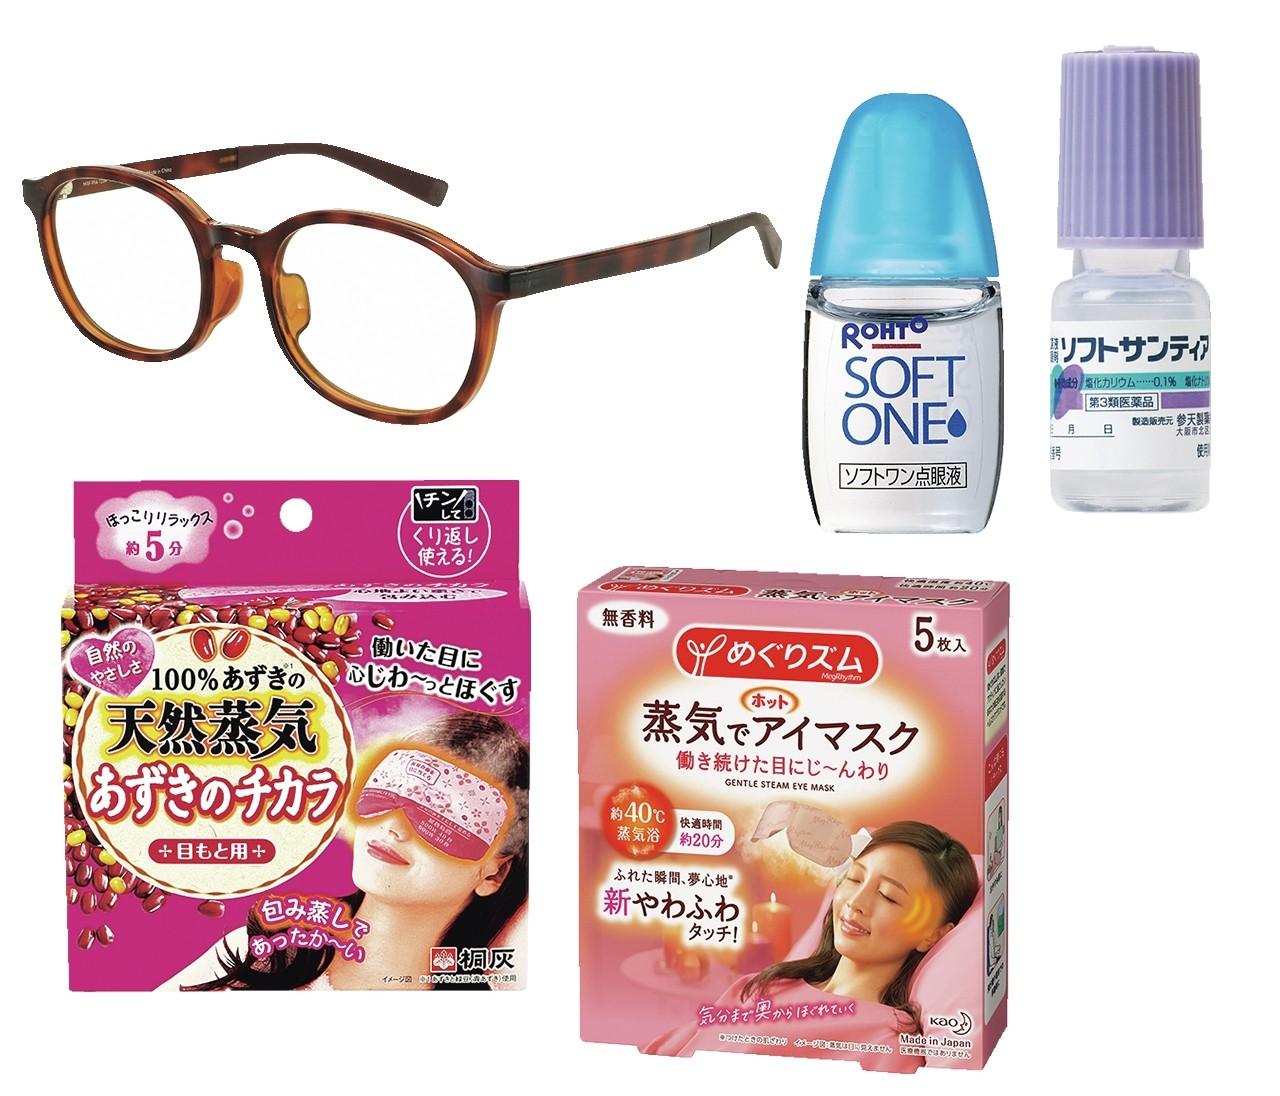 【「目」のお悩みまとめ】専門医が回答!おすすめ目薬やアイマスクも